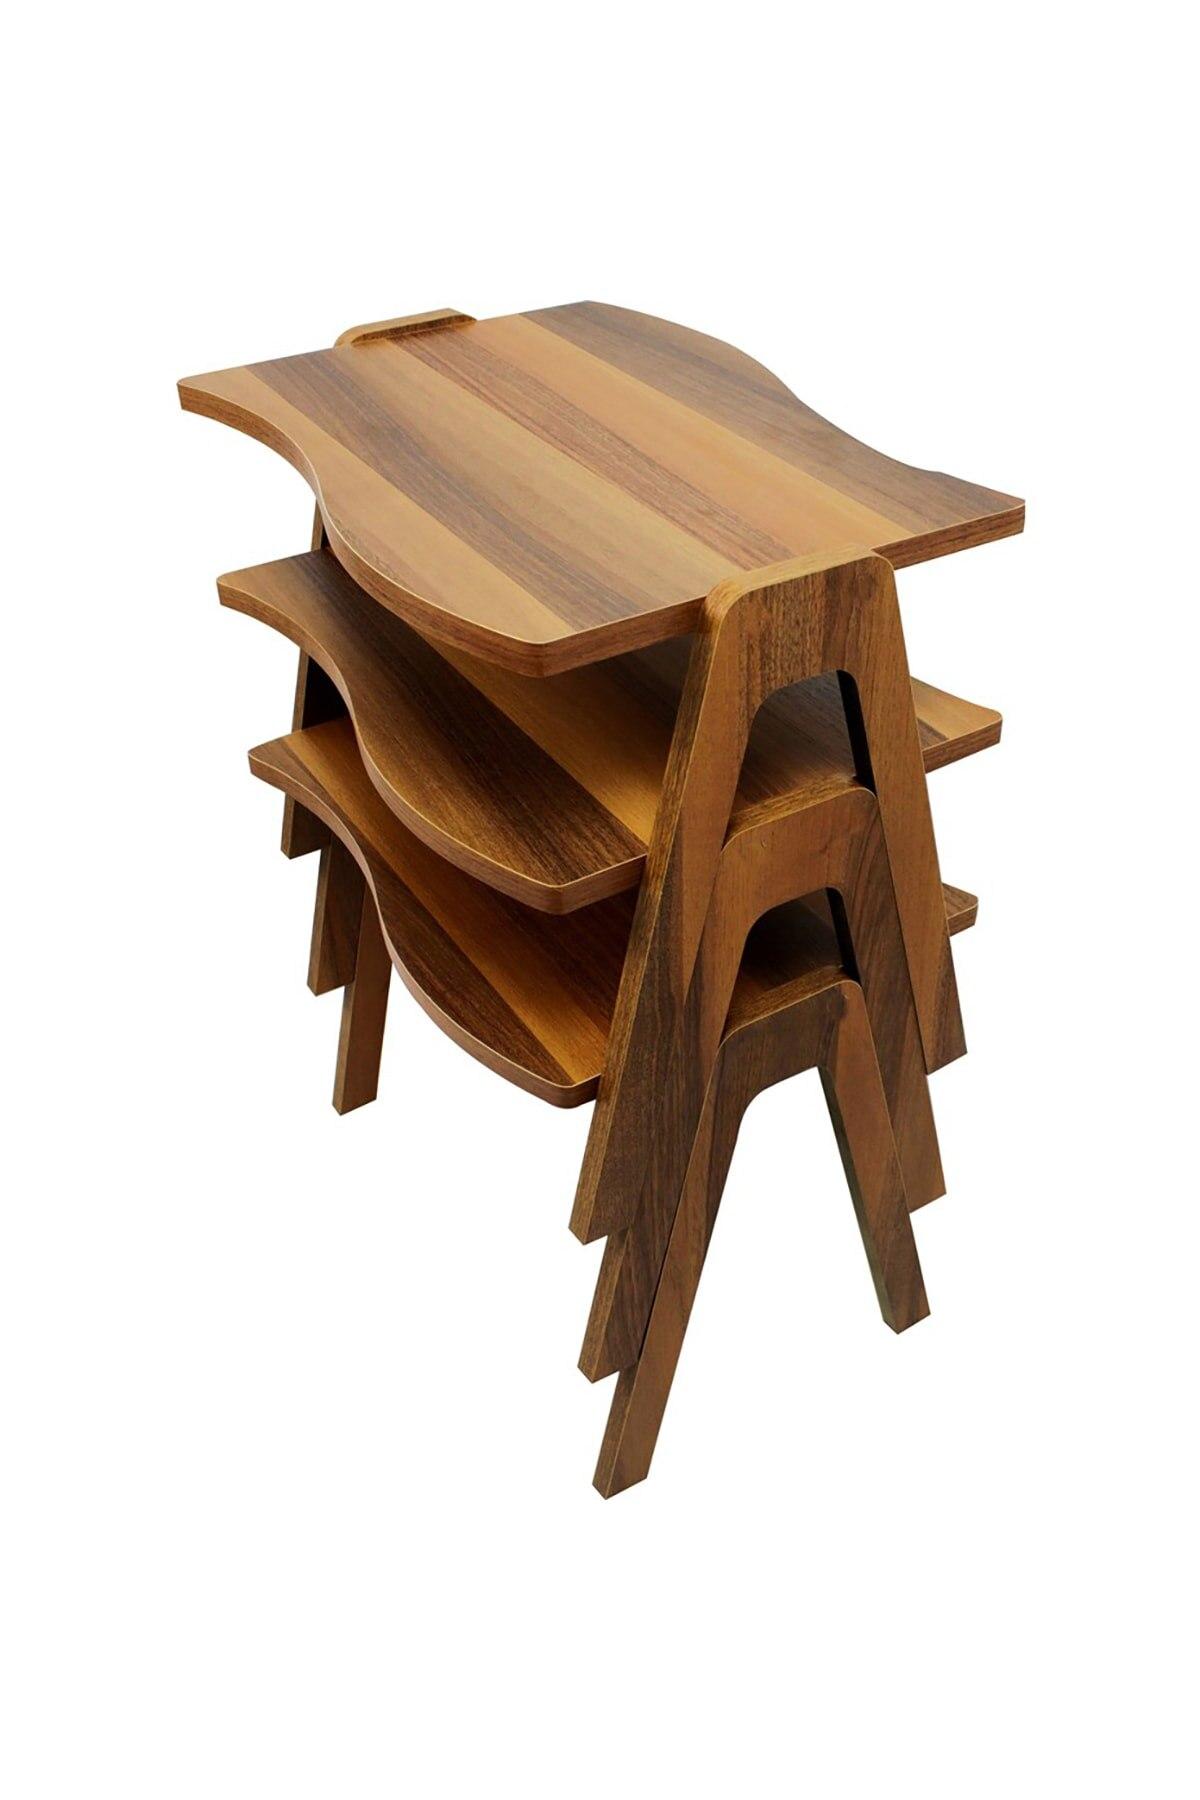 Zigon Sehpa & Orta Sehpa Ceviz-Ceviz Ayak Oturma Odası Dekor Moda modern ahşap kahverengi sehpa kahve sehpası çay sehpası meyve masası kanepe yanı oturma odası için mobilya sehpa